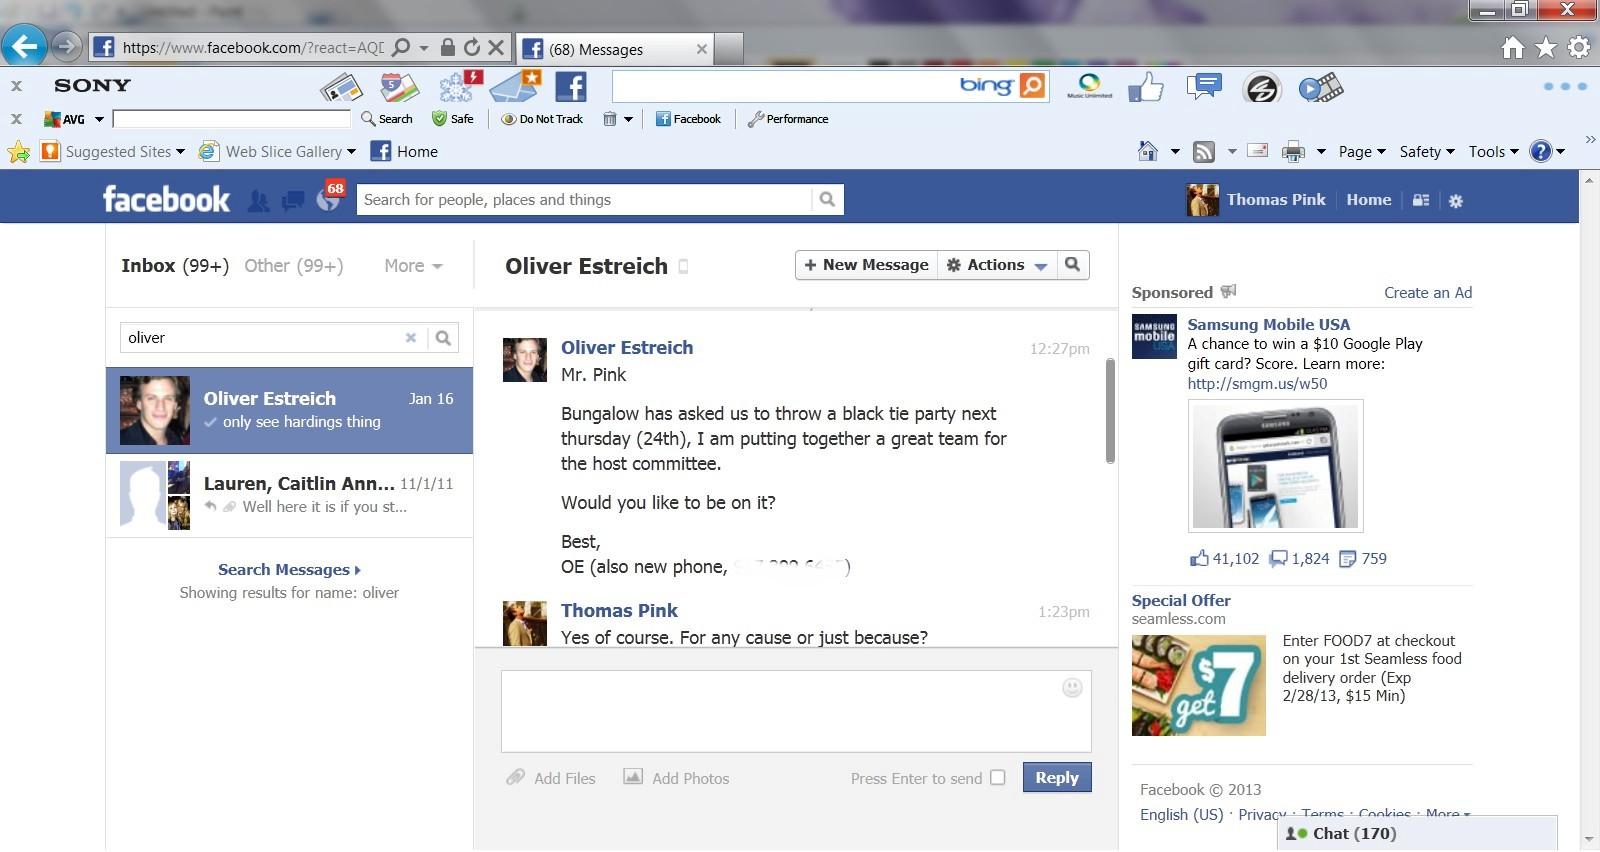 tabber asked by Oliver number 8